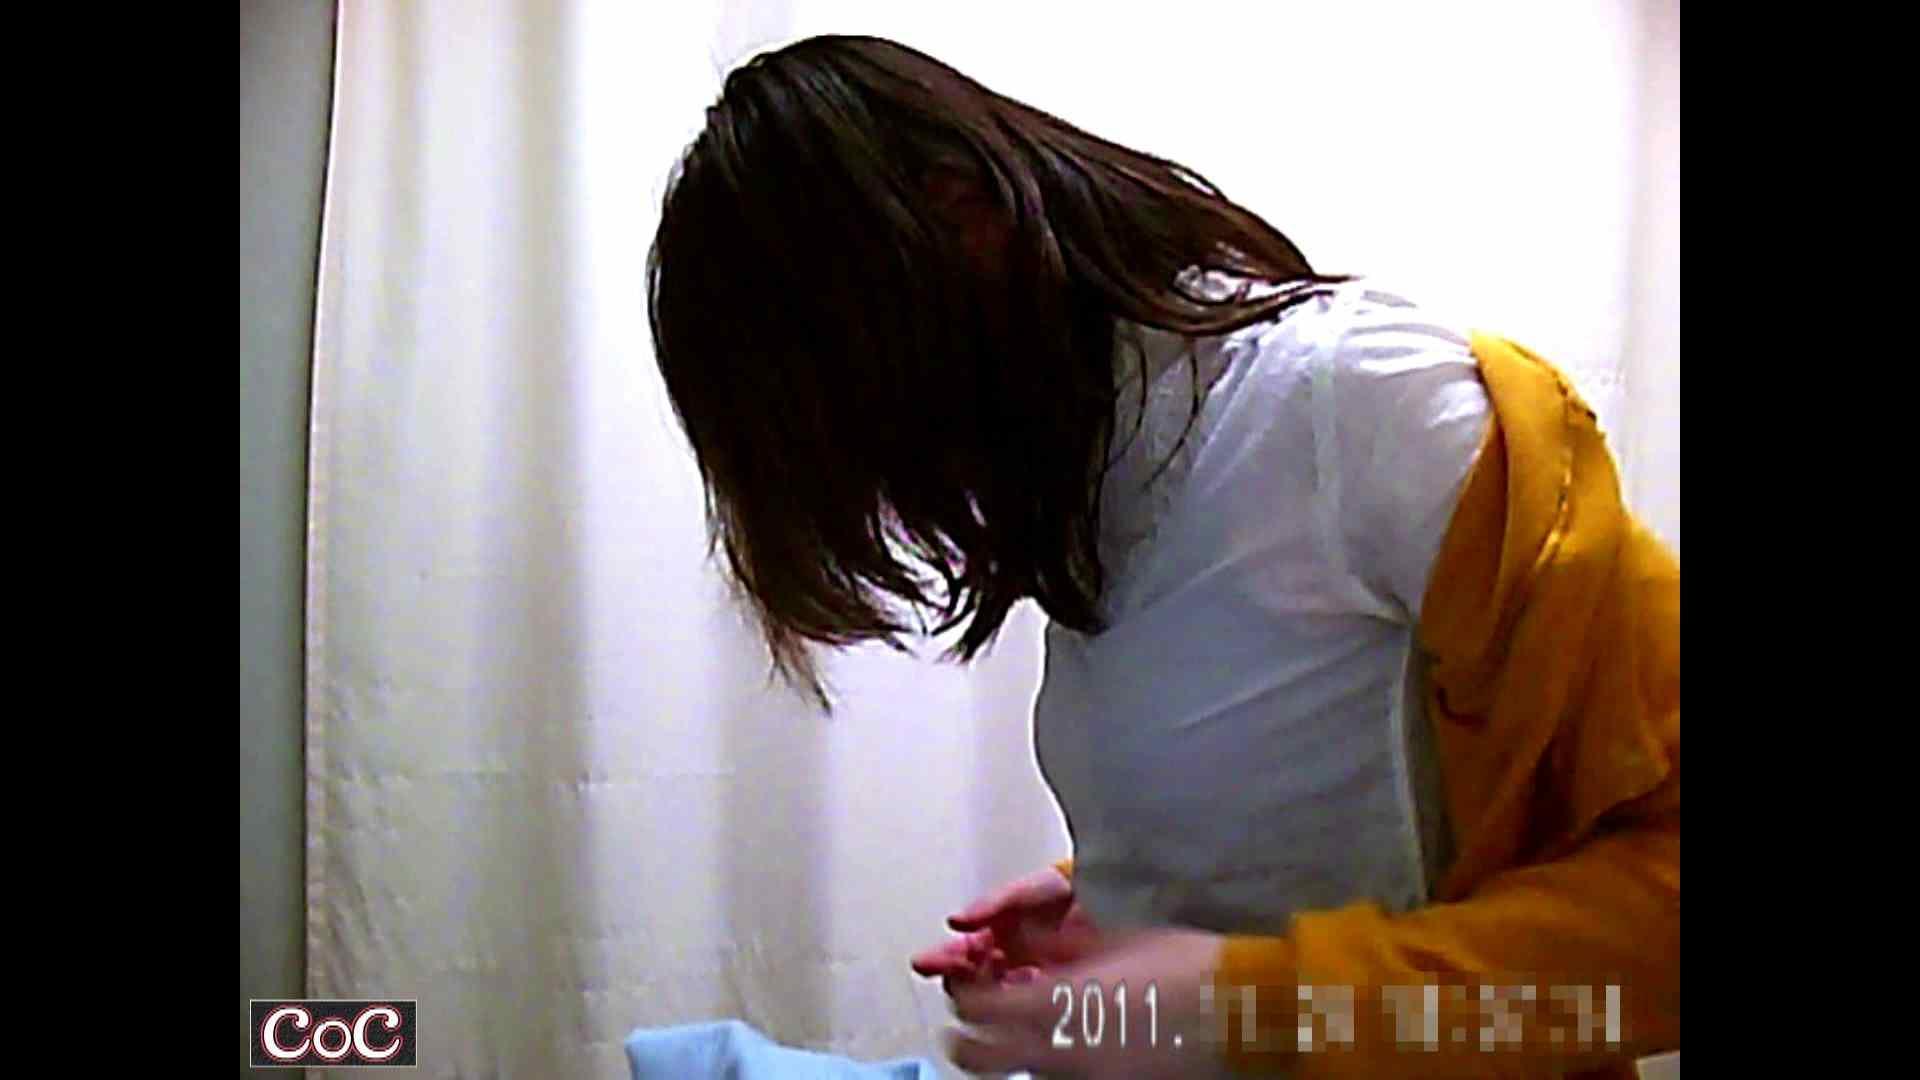 病院おもいっきり着替え! vol.104 独占盗撮 エロ画像 103連発 73